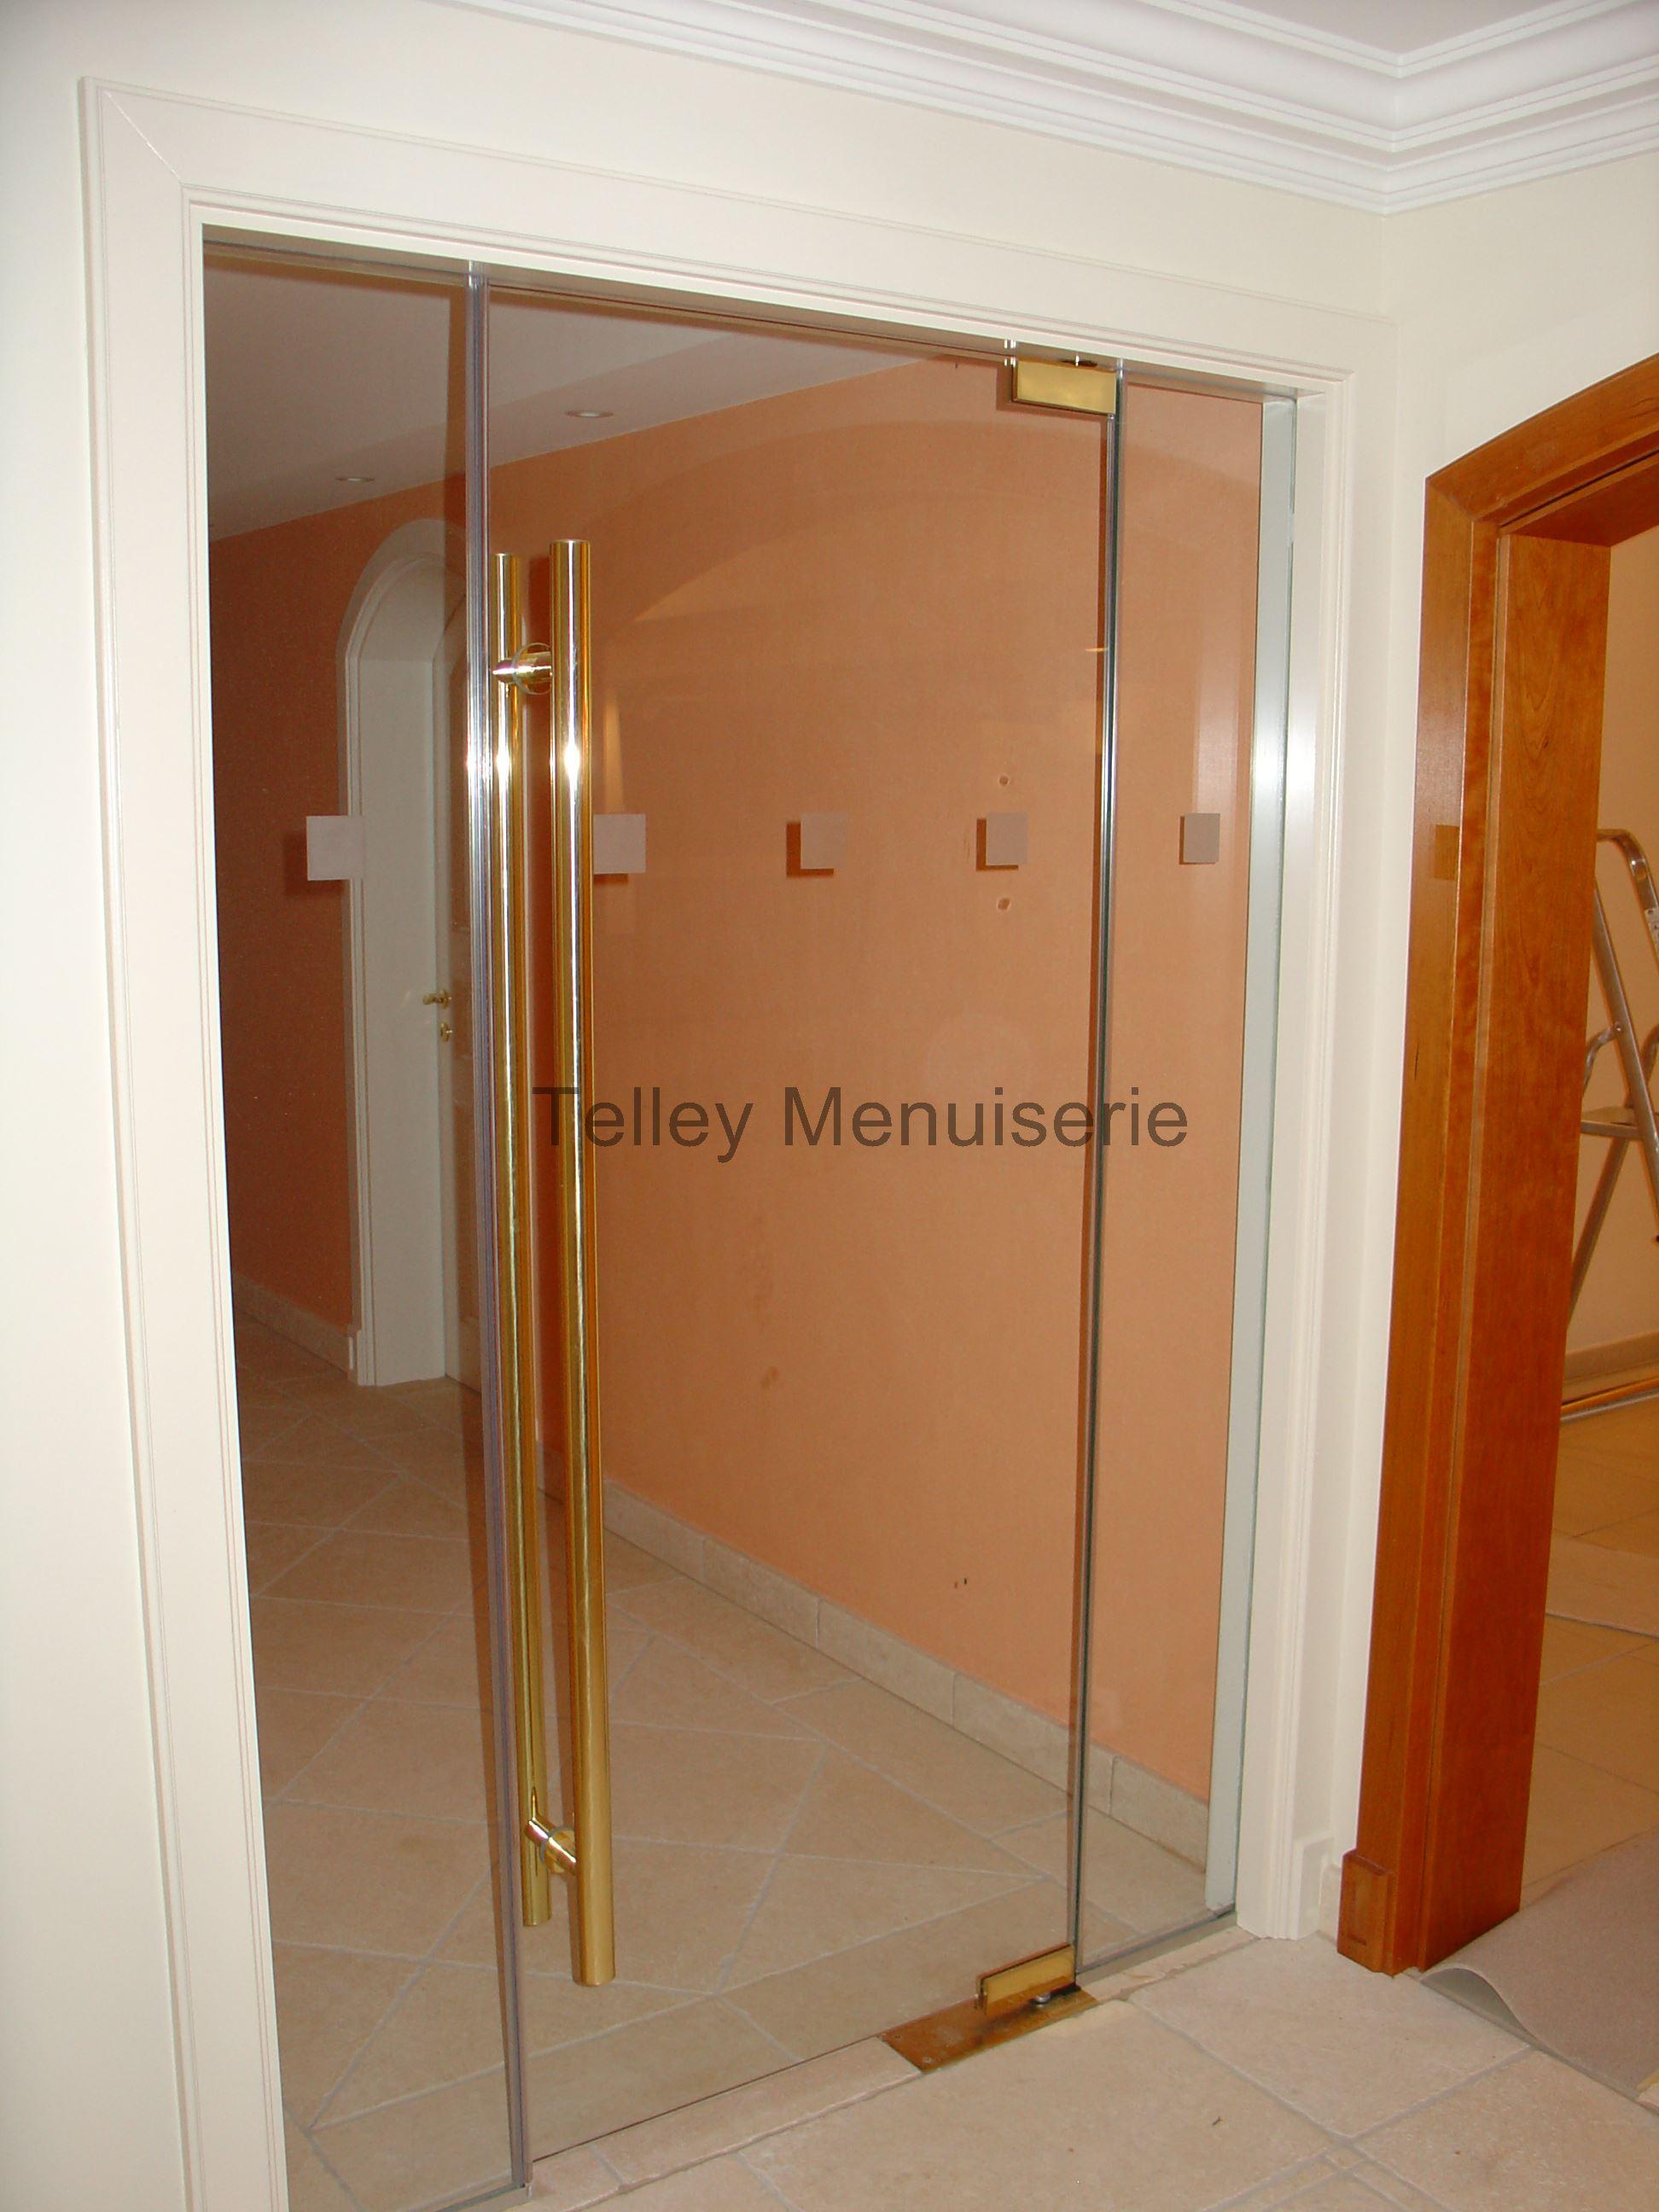 Verres miroirs menuiserie telley for Miroir sur mesure suisse